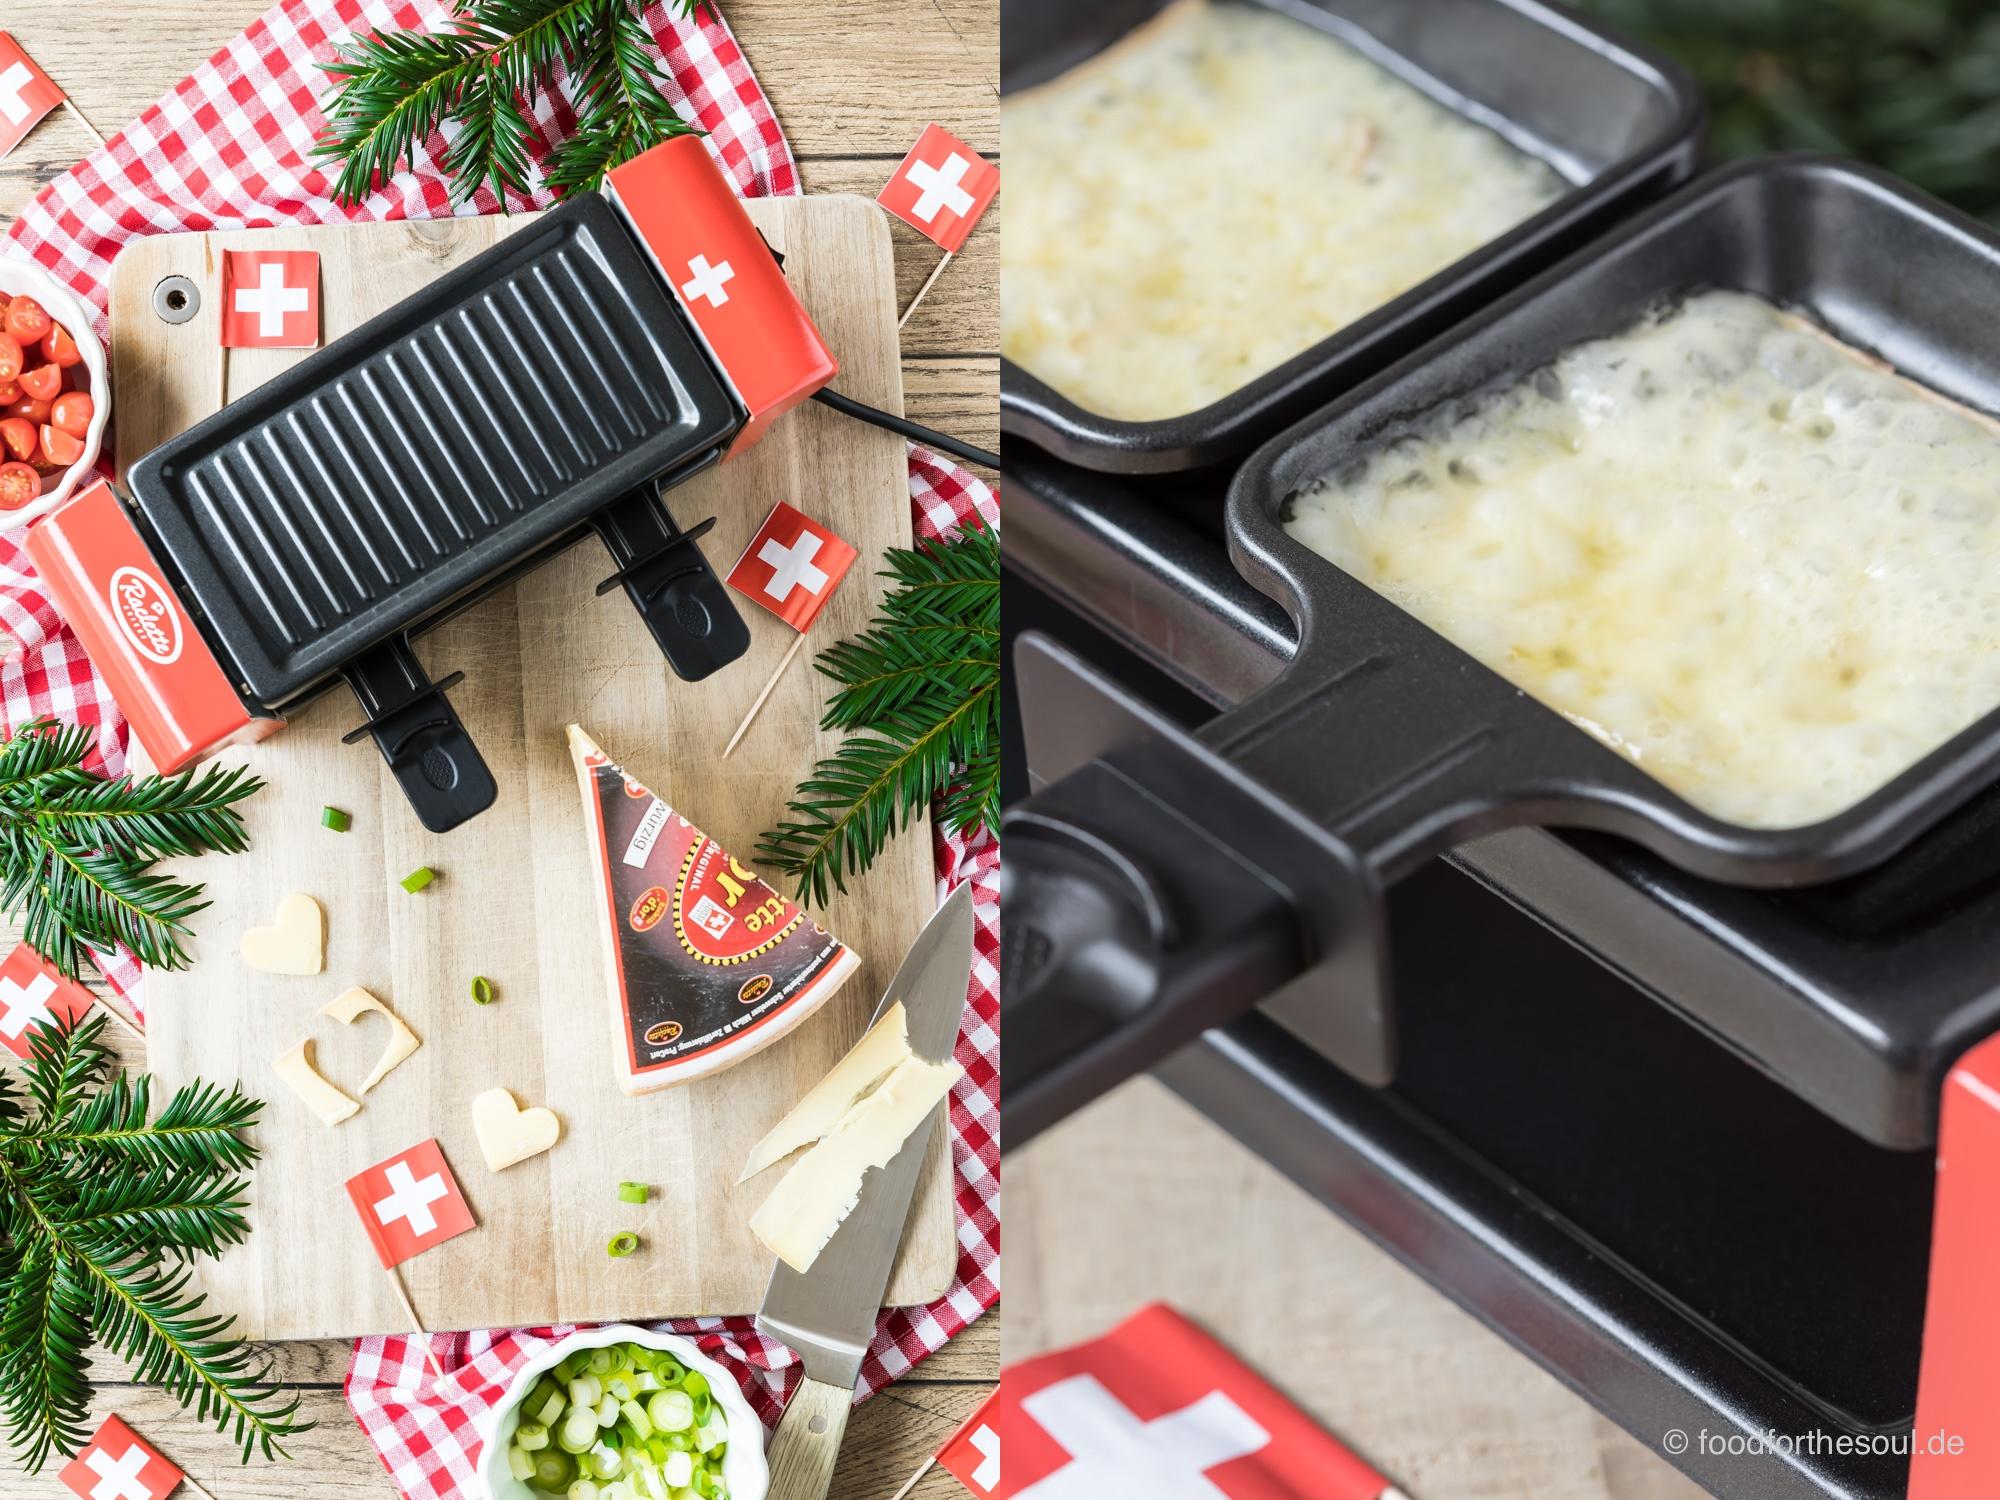 Gebratene Maultaschen aus dem Raclette Ofen mit Raclette Suisse